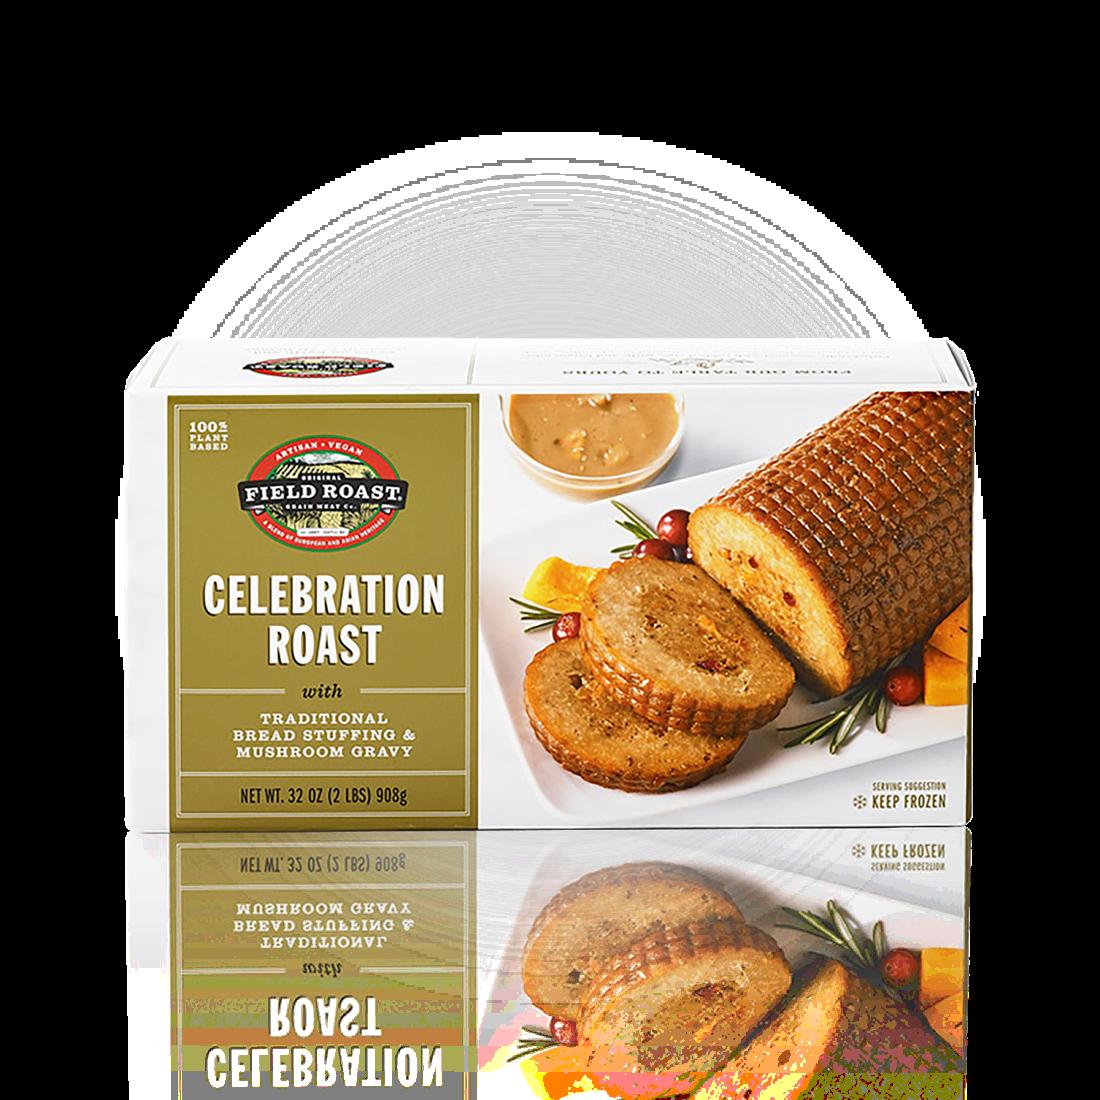 Celebration Roast